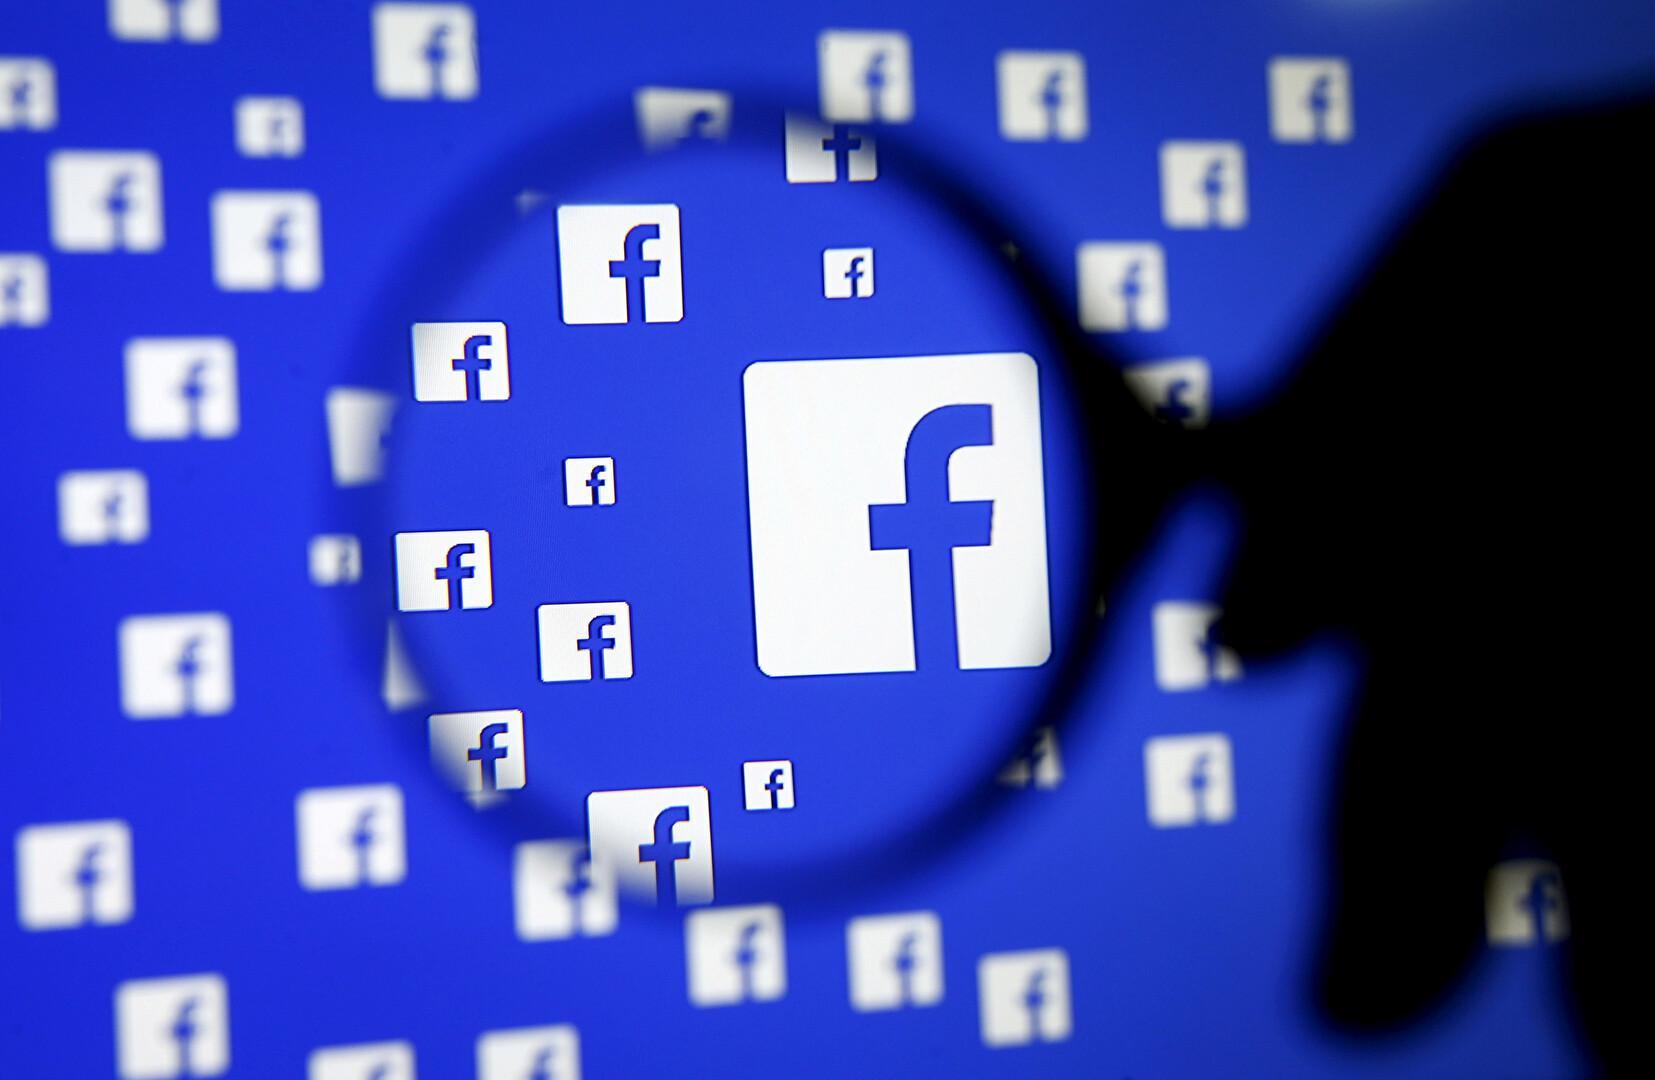 فيسبوك: شركتان مصرية وإماراتية تنفذان حملات إلكترونية سرية في دول عربية